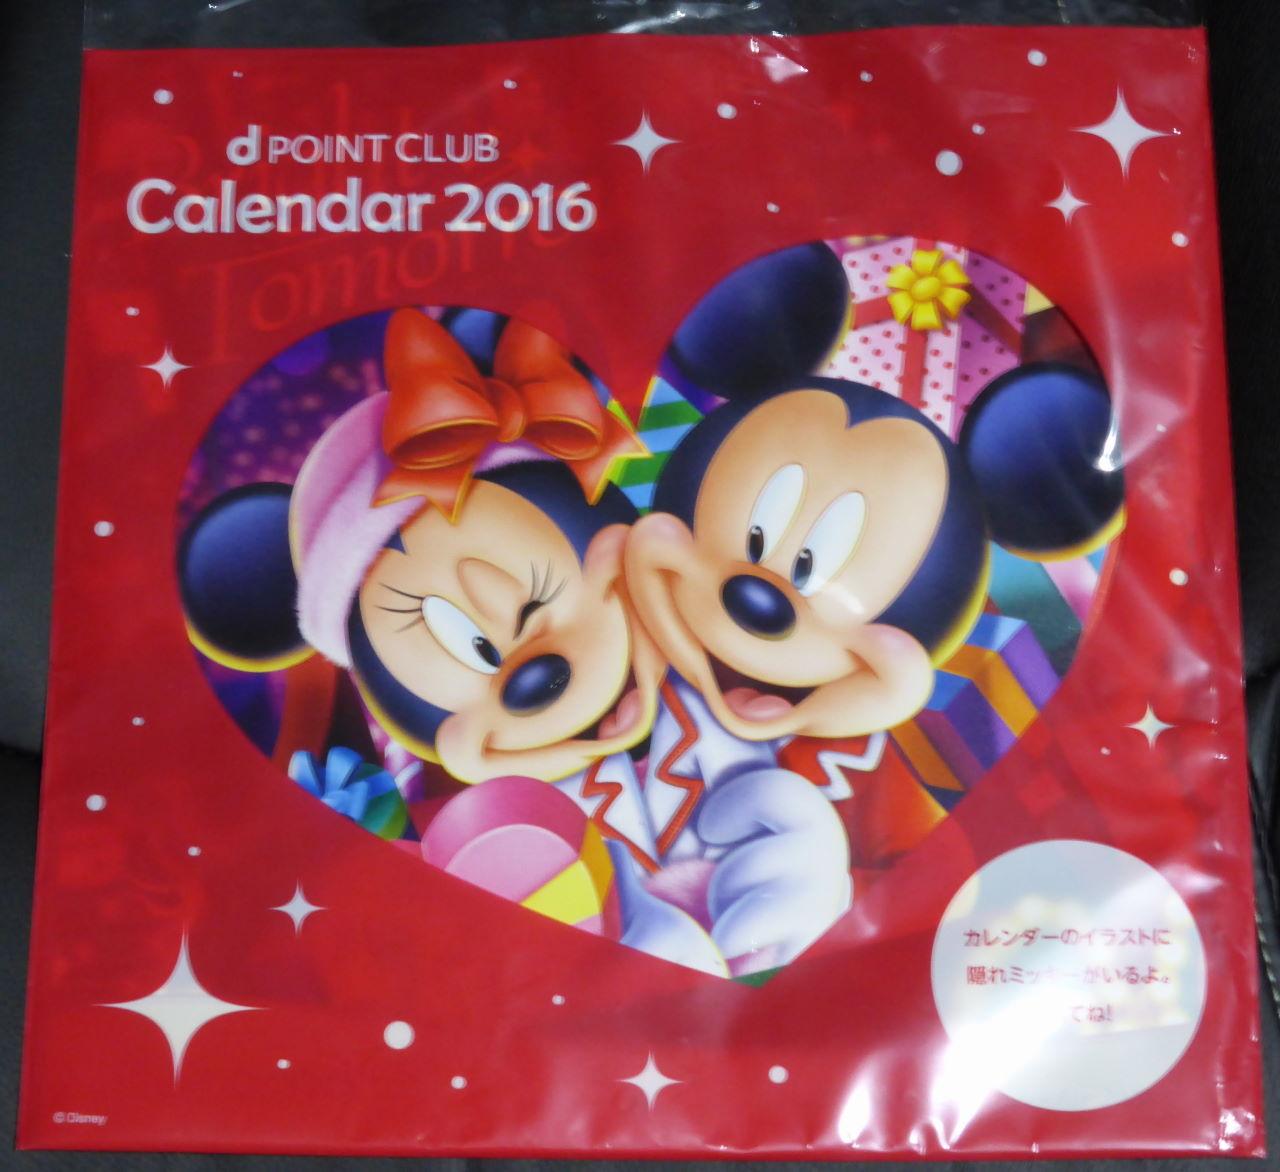 dポイントクラブ ディズニーカレンダー2016貰ってきました。:ソニー